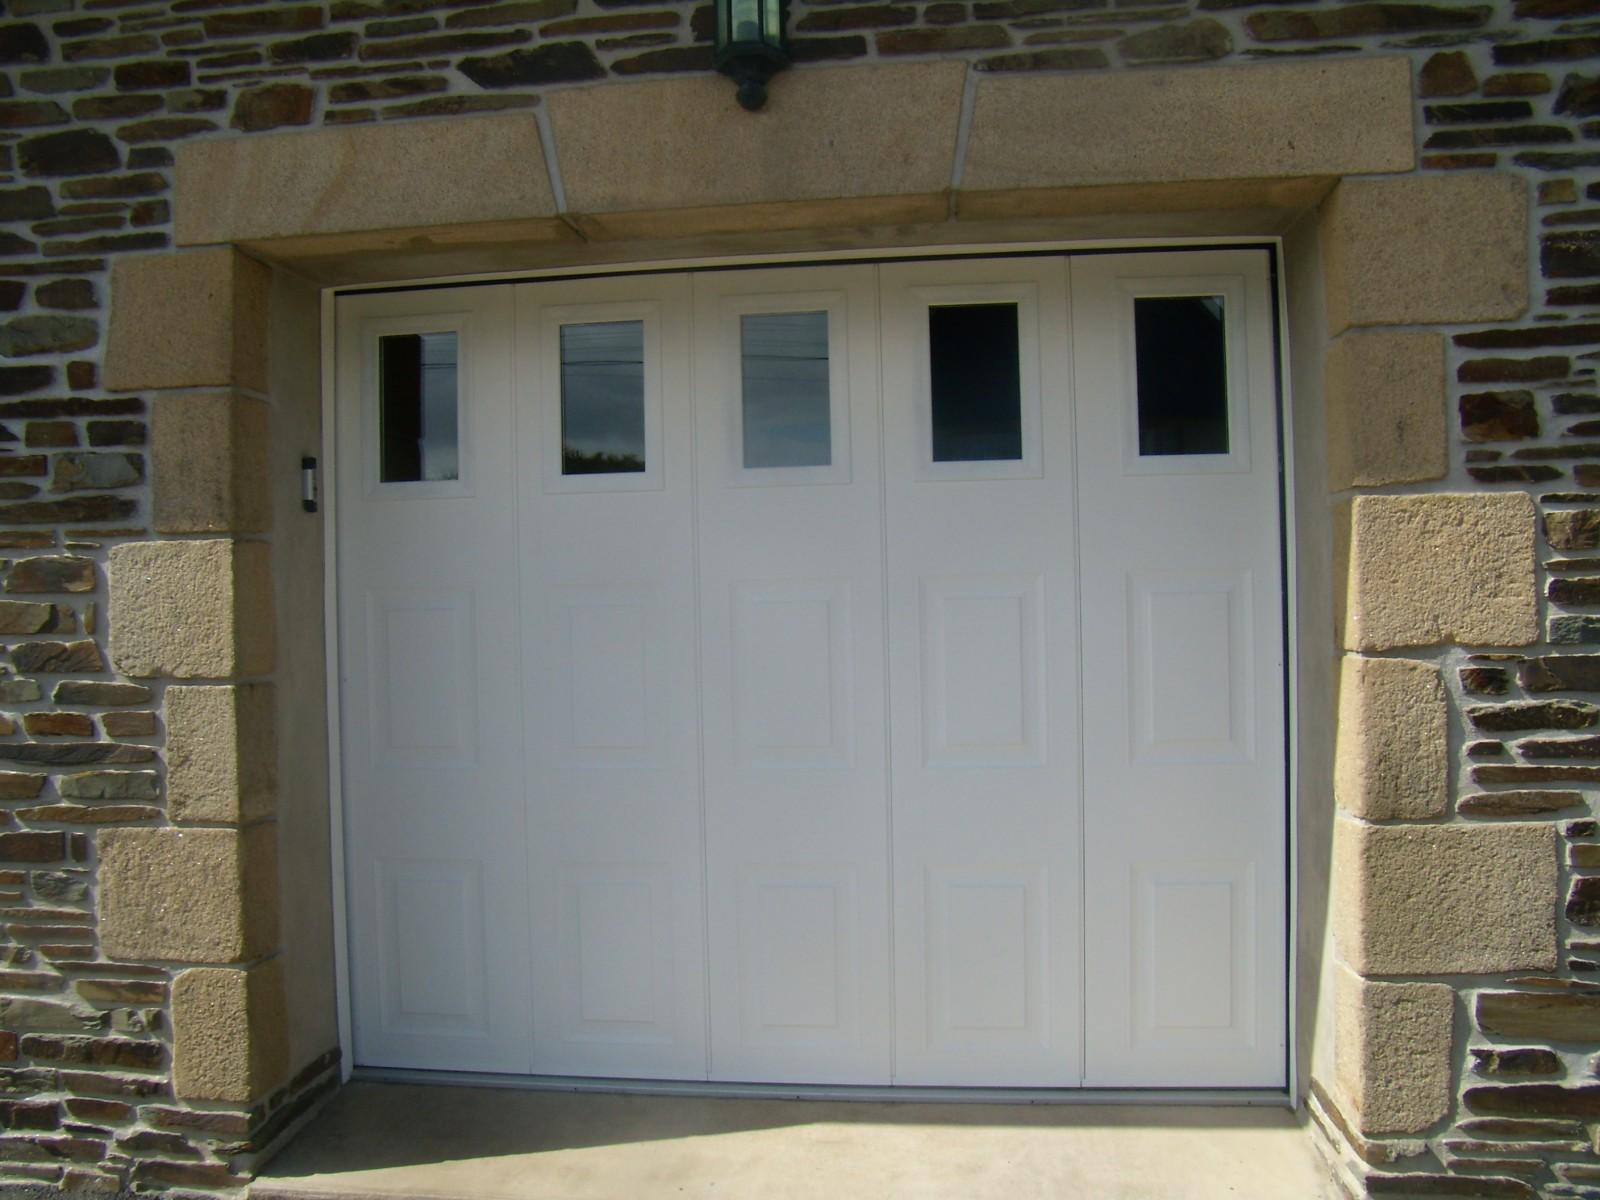 Porte De Garage Coulissante Latérale Isolée I Manuelle Ou électrique, Image  Source: 2pl.bzh